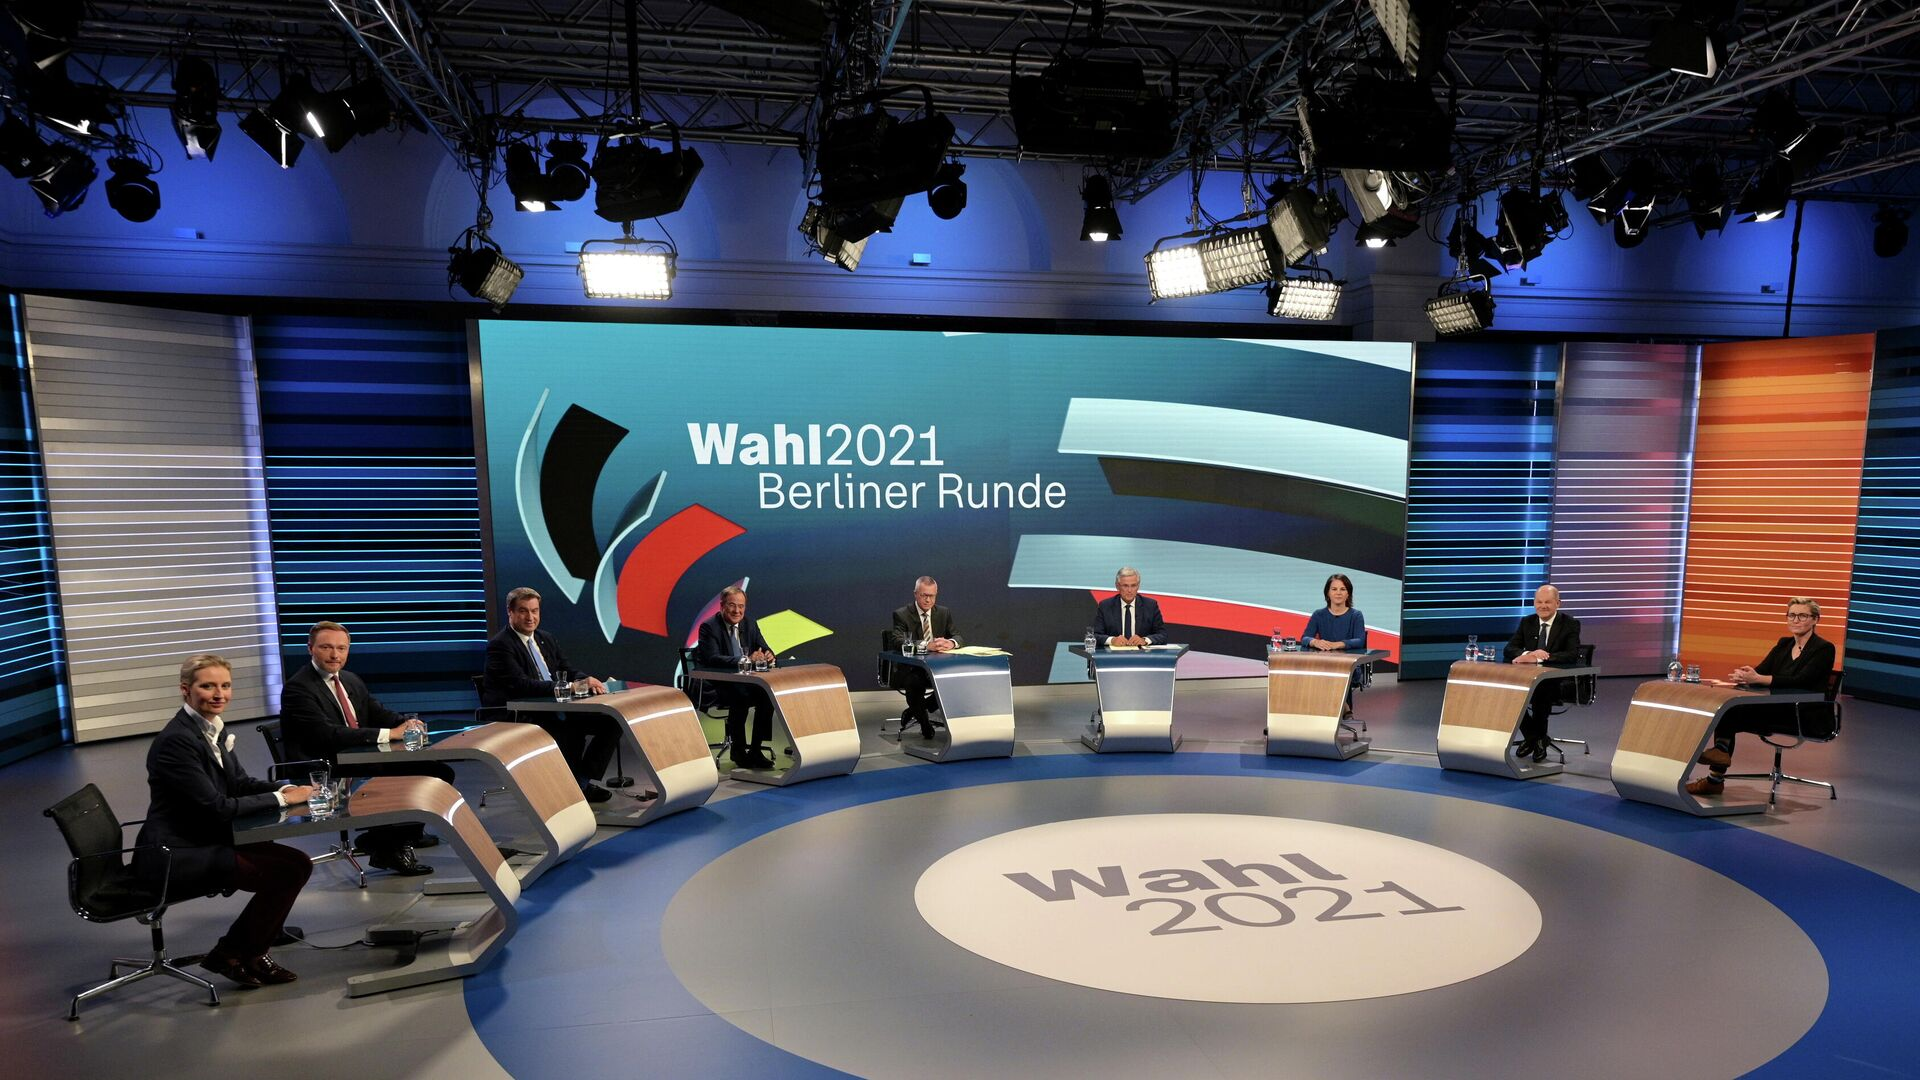 Теледебаты после всеобщих выборов в Берлине, Германия - РИА Новости, 1920, 27.09.2021